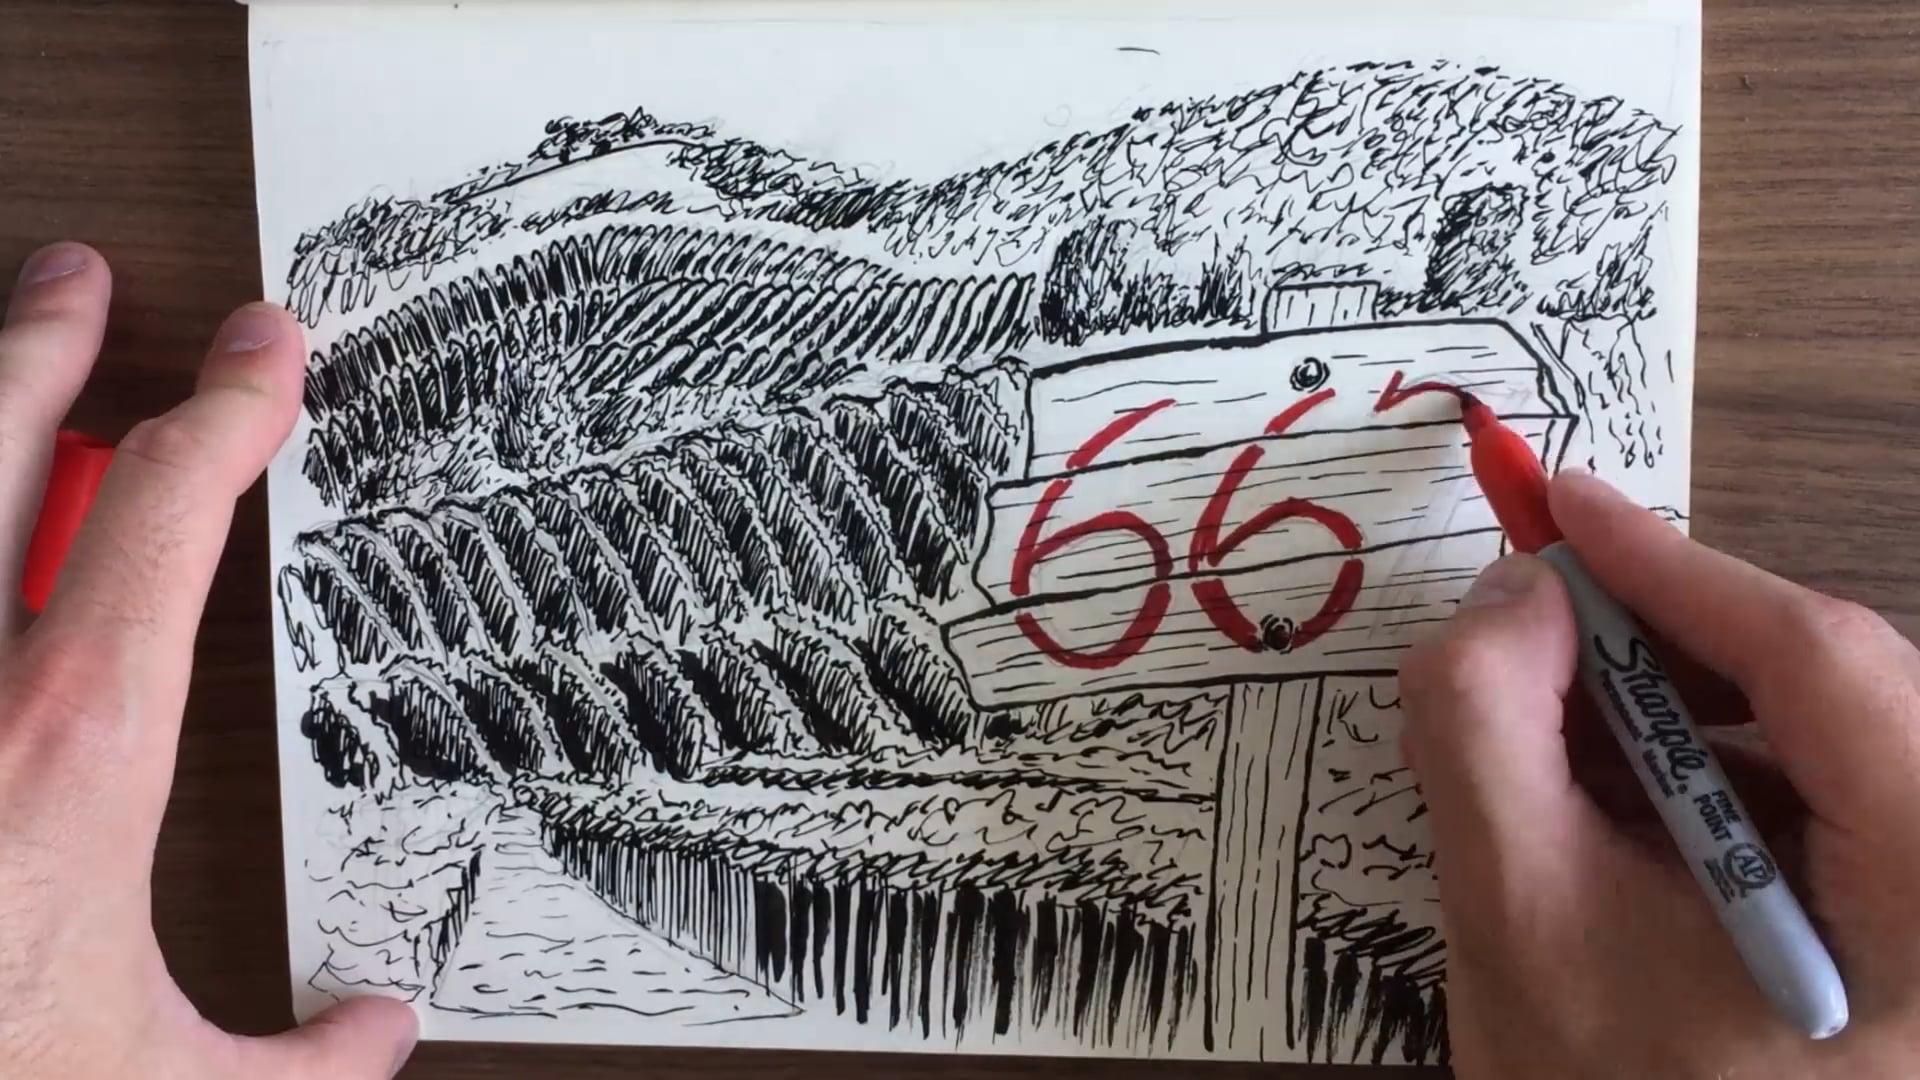 4. Sketch